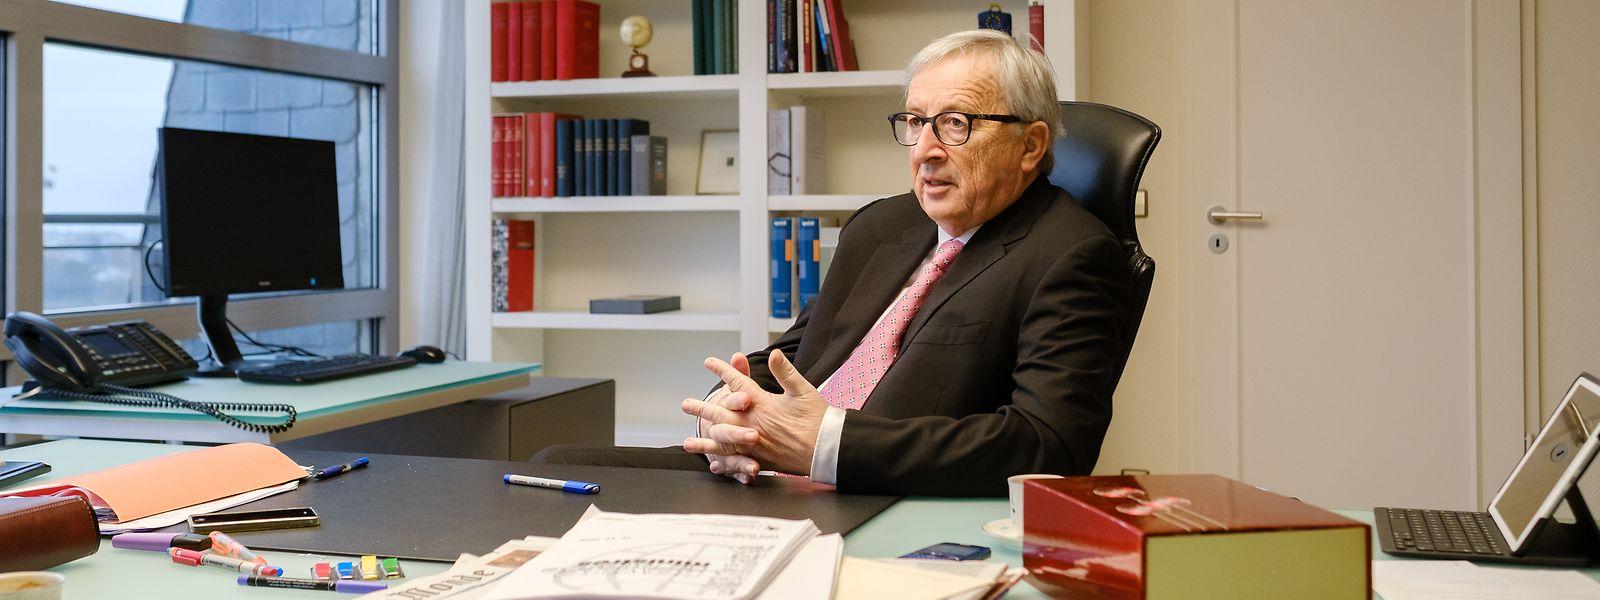 """Jean-Claude Juncker in seinem Büro in Luxemburg: """"Ich leide sehr unter der Tatsache, dass ich Menschen nicht mehr begegnen kann wie früher, weil ich Menschen gerne anfasse – nicht alle, aber viele."""""""